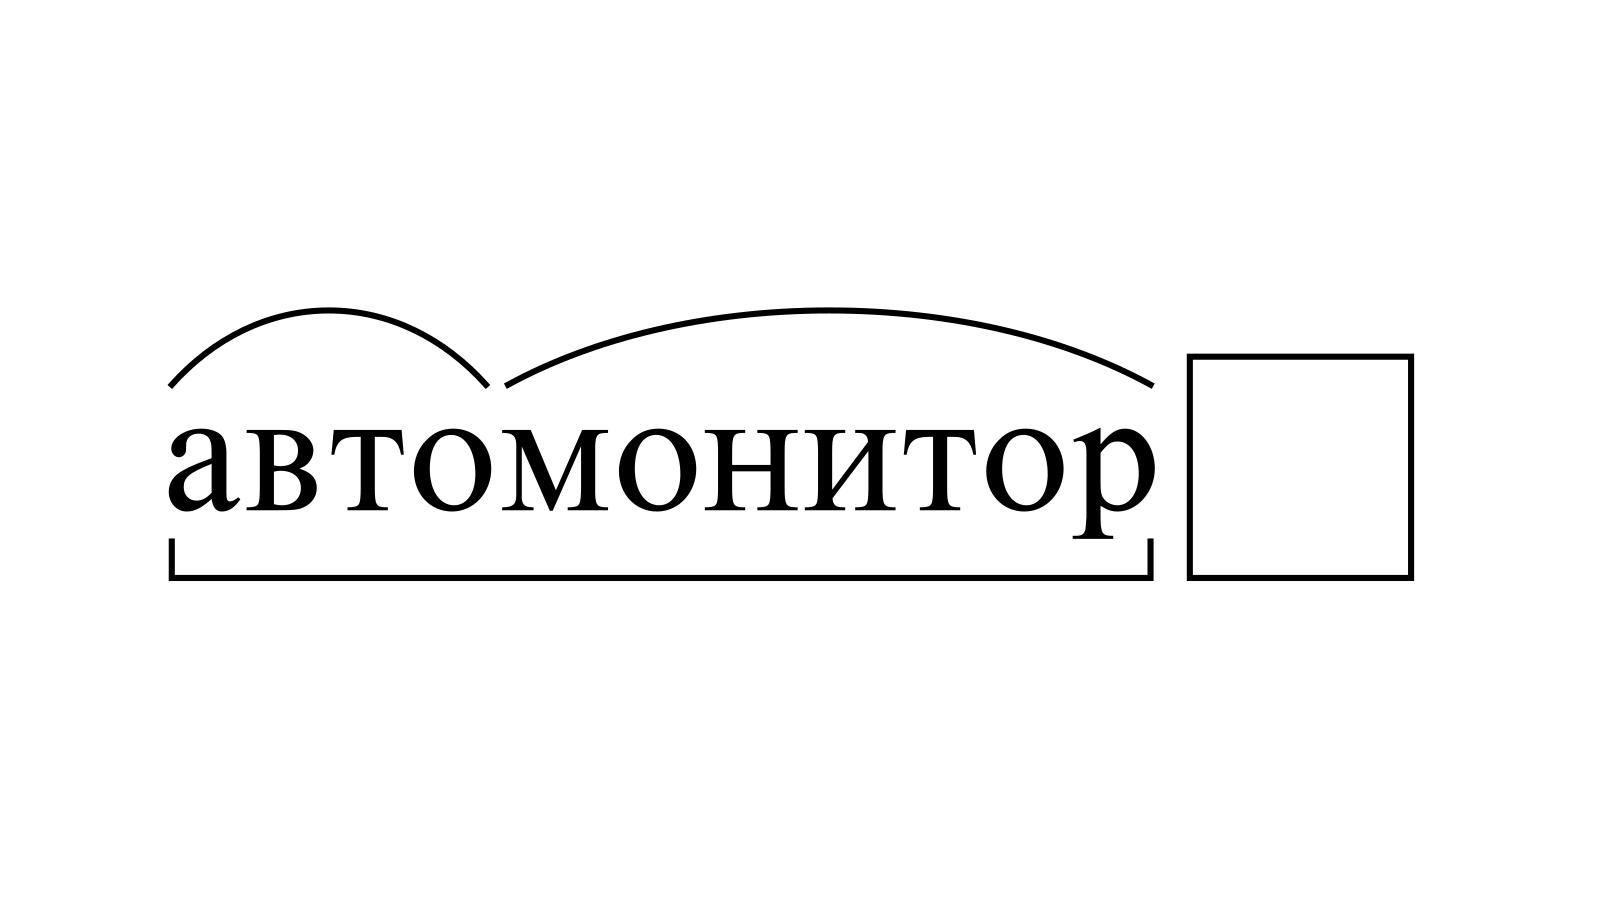 Разбор слова «автомонитор» по составу